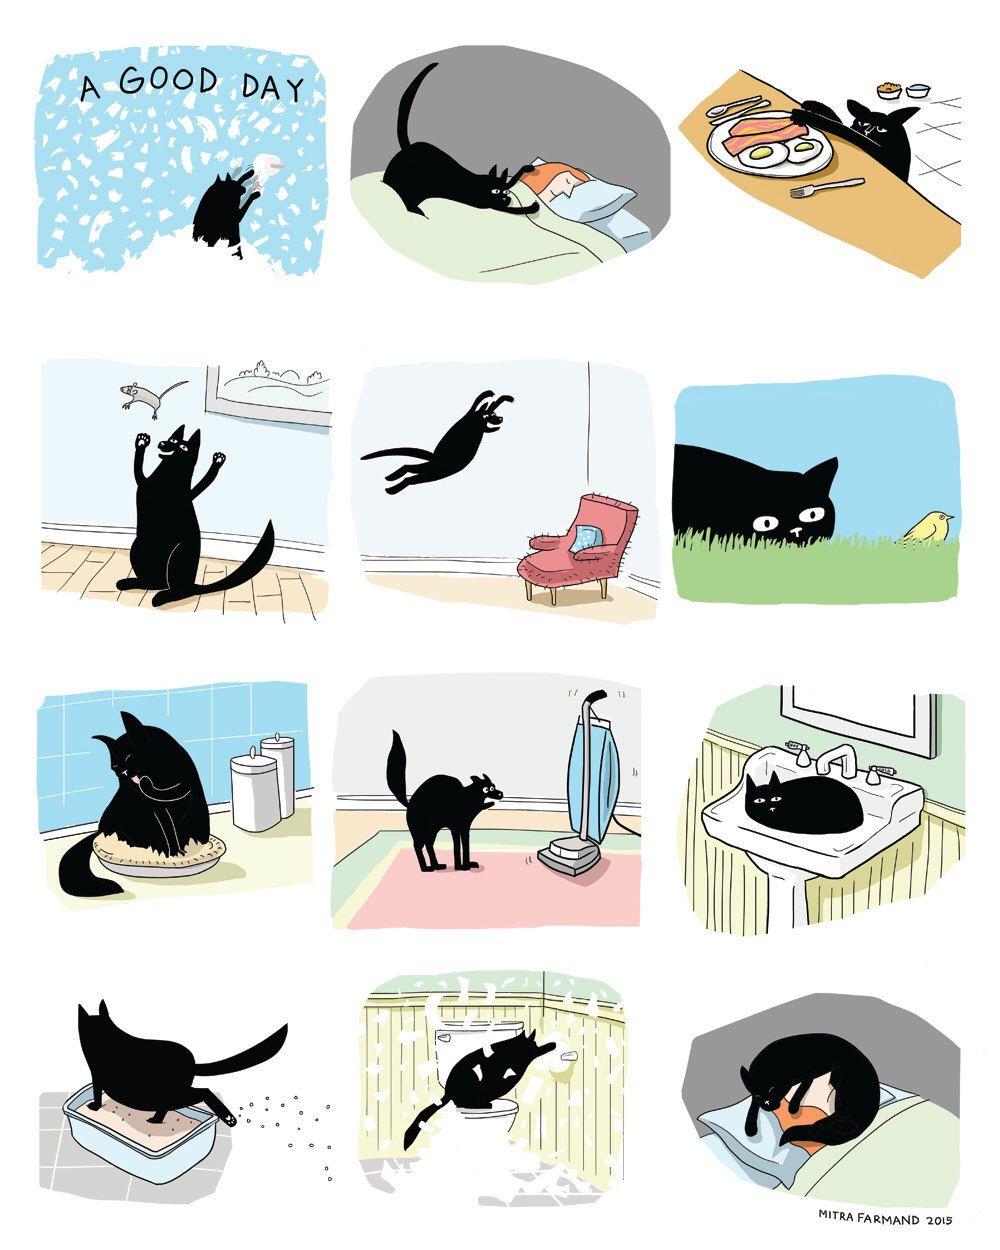 Cat Print Black Cat Print Funny Cat Illustration Cat Comic Black Cat Print Cats Illustration Silly Cats